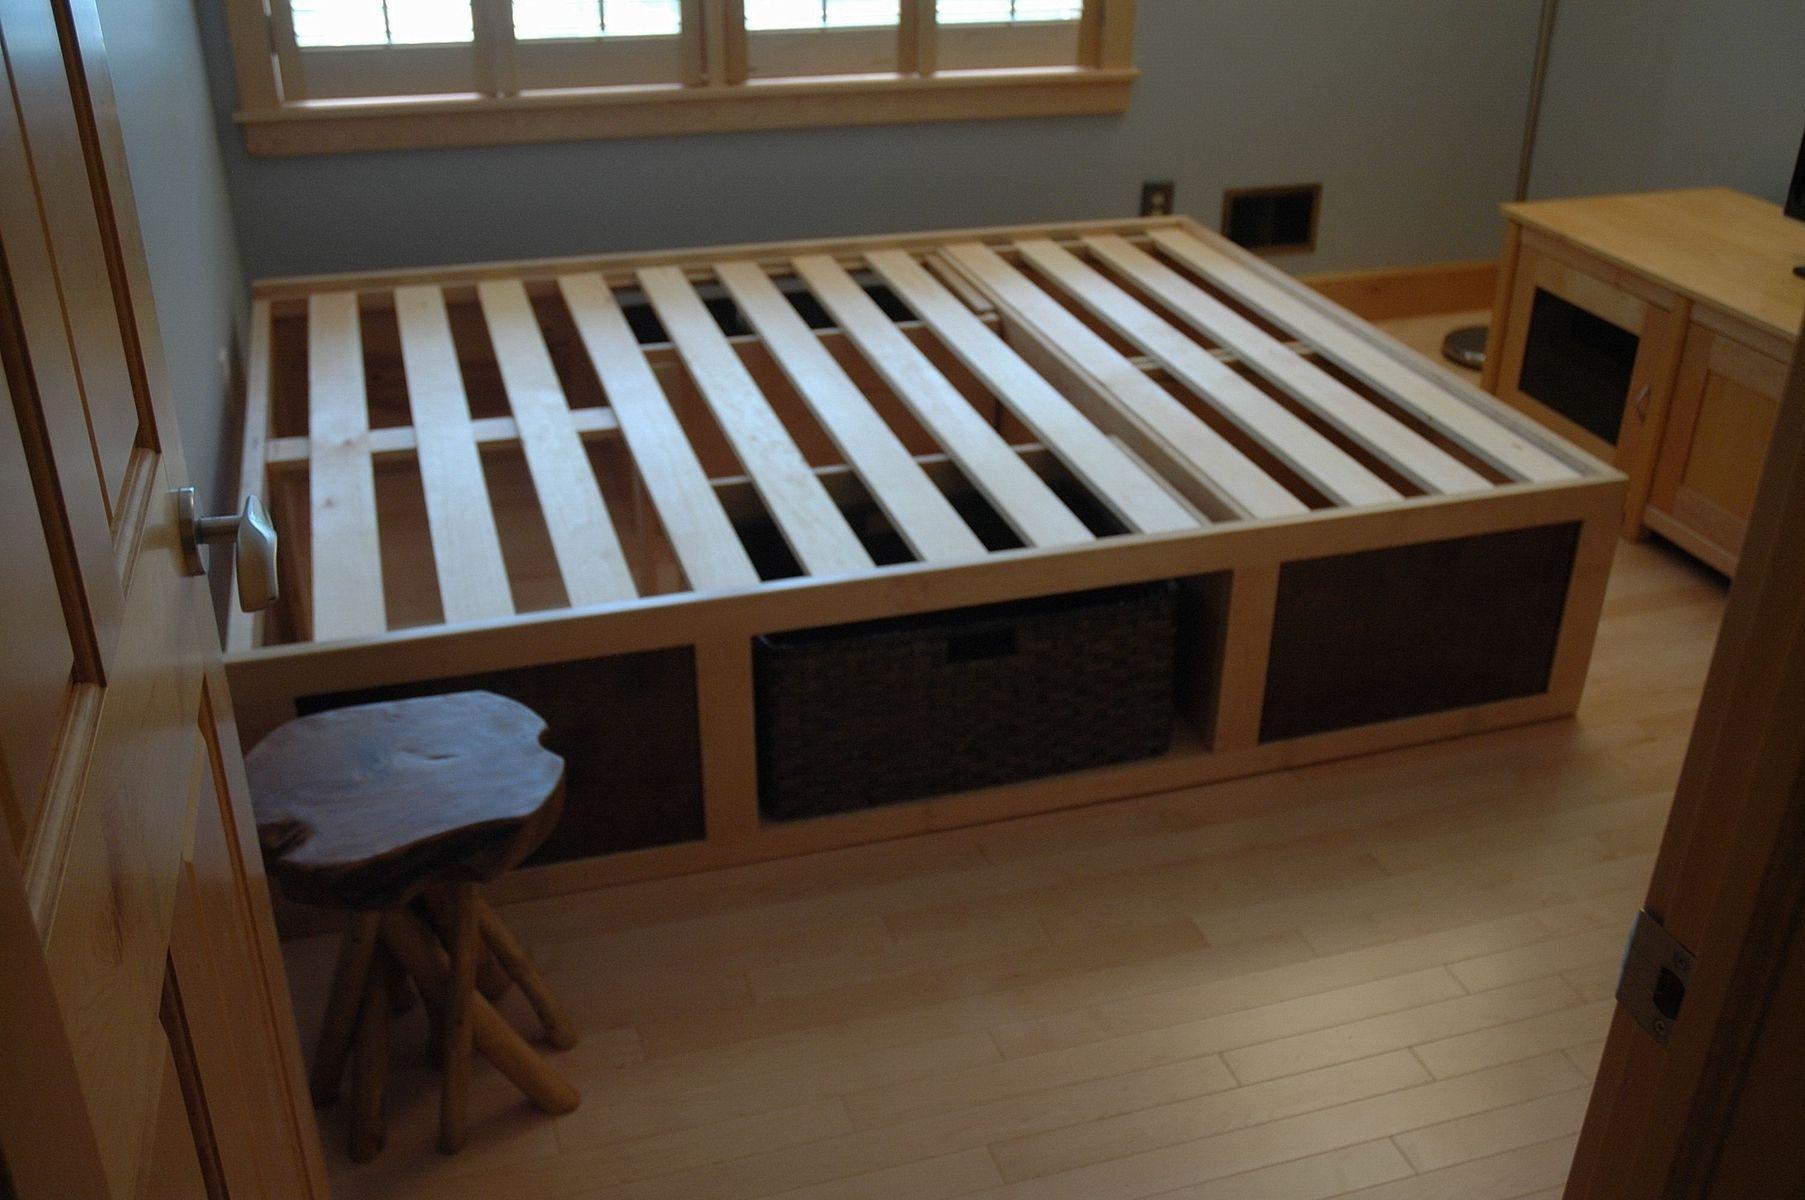 60 X 80 Platform Bed With Storage Baskets Diy Plattform Bett